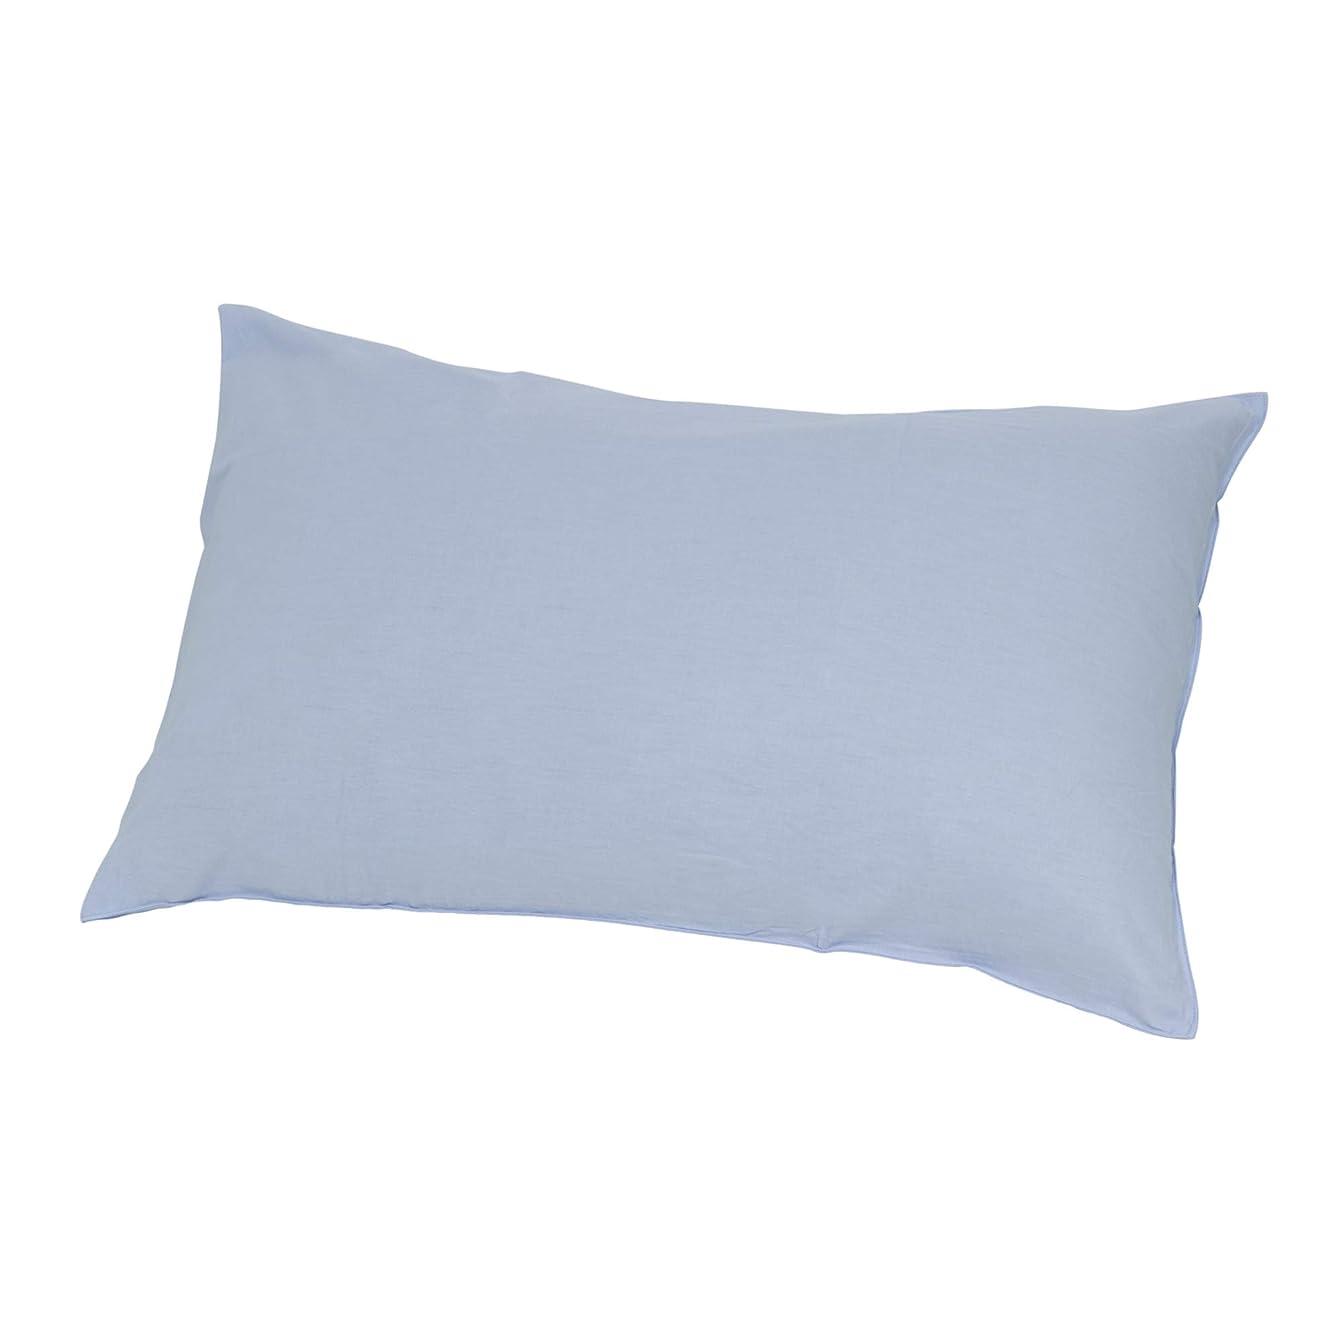 首相対象バラエティ西川(Nishikawa) 枕カバー ブルー 63X43cmのサイズの枕に対応 ワイドサイズ 日本製 綿100% 無地 吸水性 耐久性 ボーテ PTG2054902B